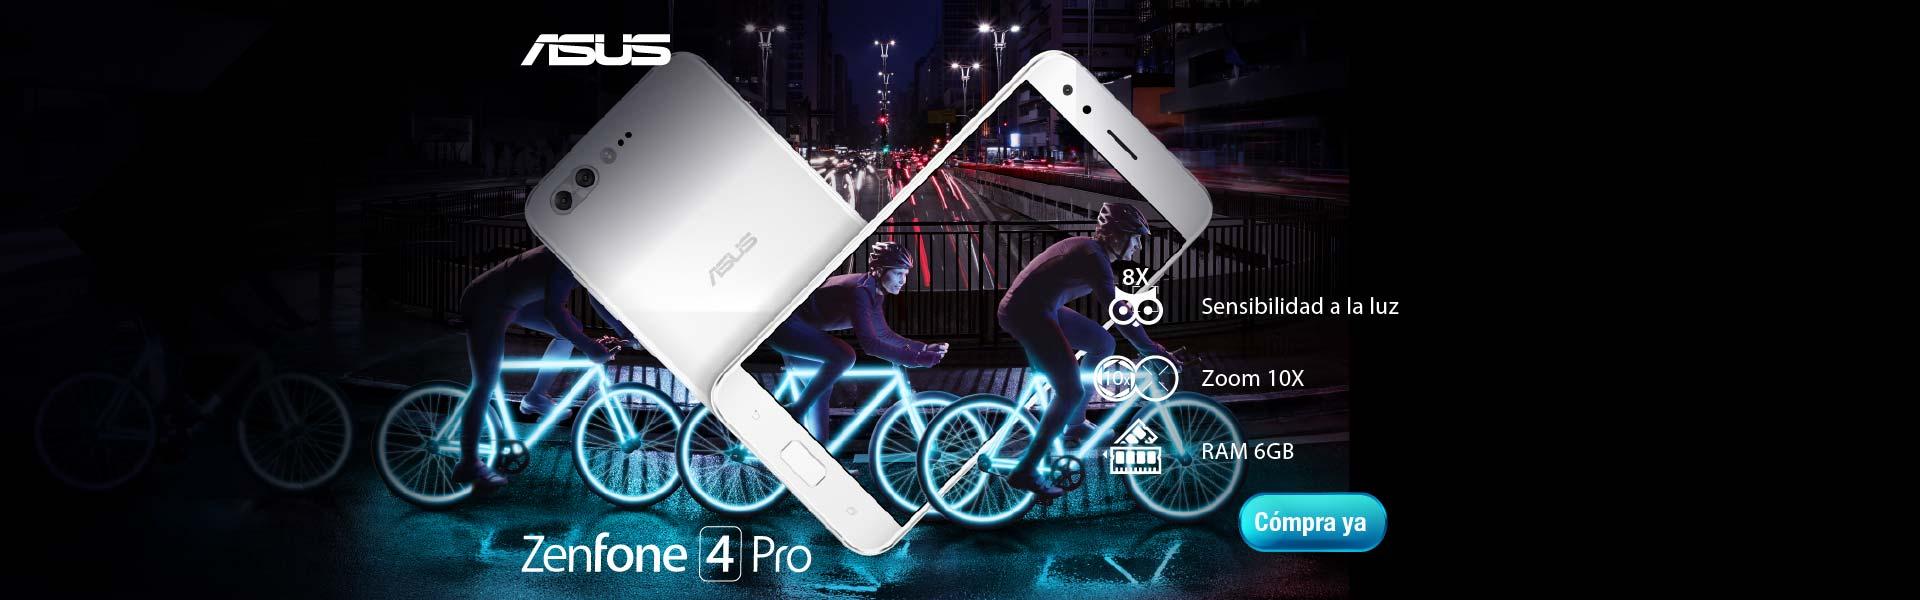 EXP KT ASUS - PPAL-10-celulares-Zenfone4Pro-prod-enero-17/19